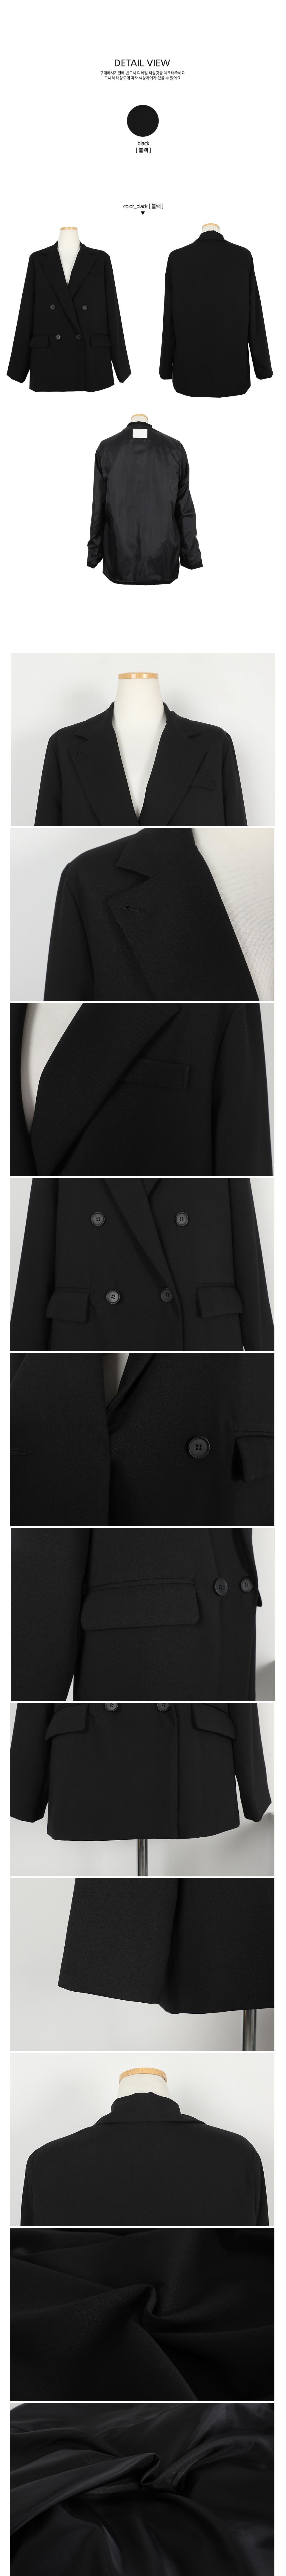 Northern Double Jacket